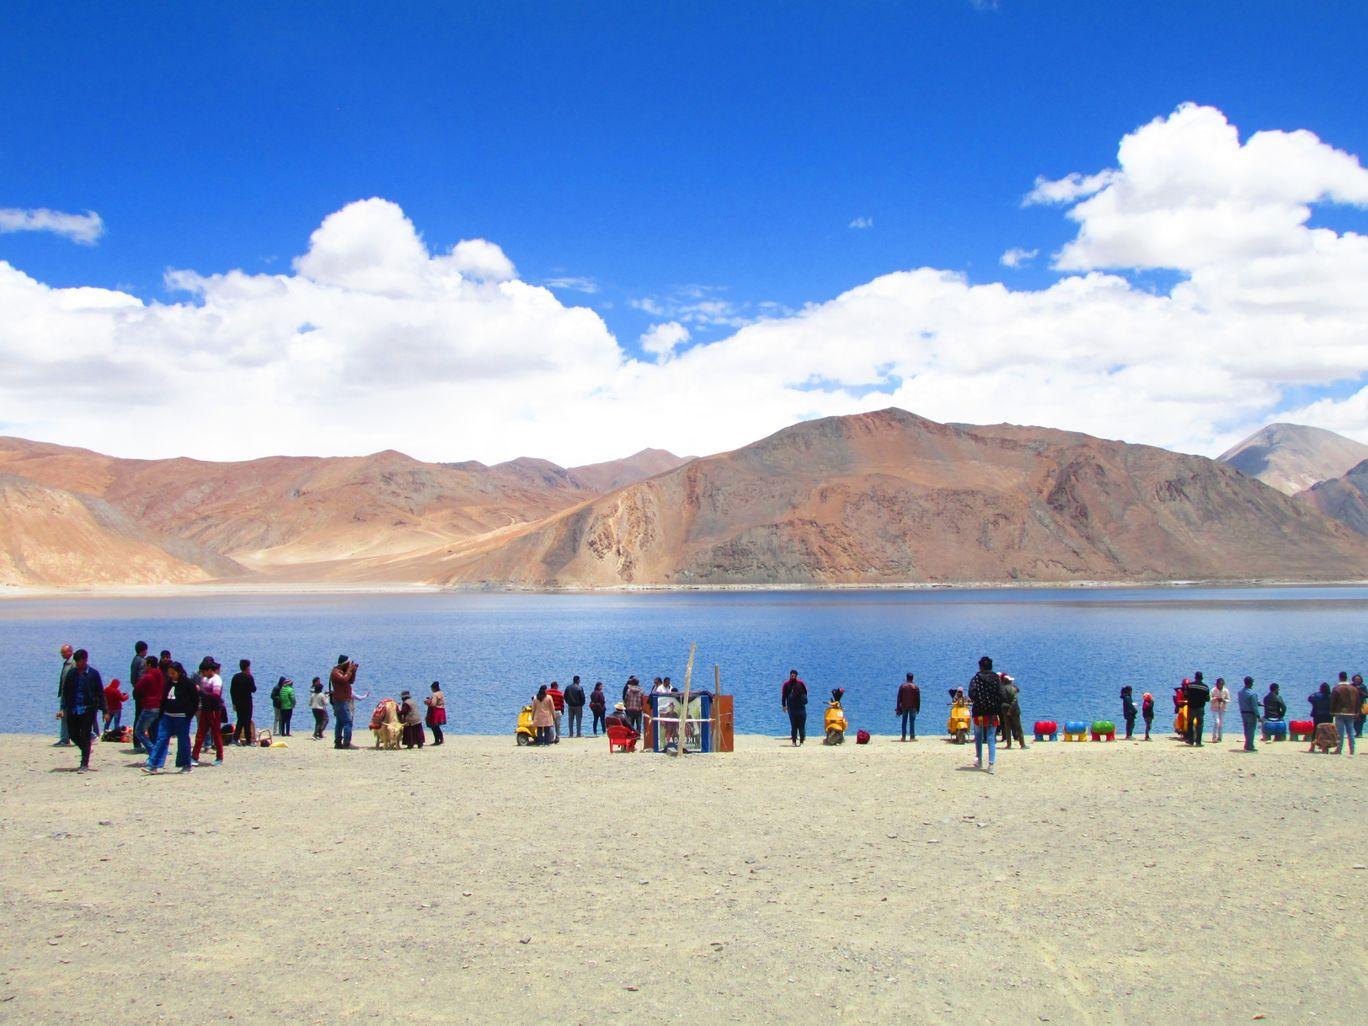 Photo of Pangong Lake By Praphul S Eravinalloor